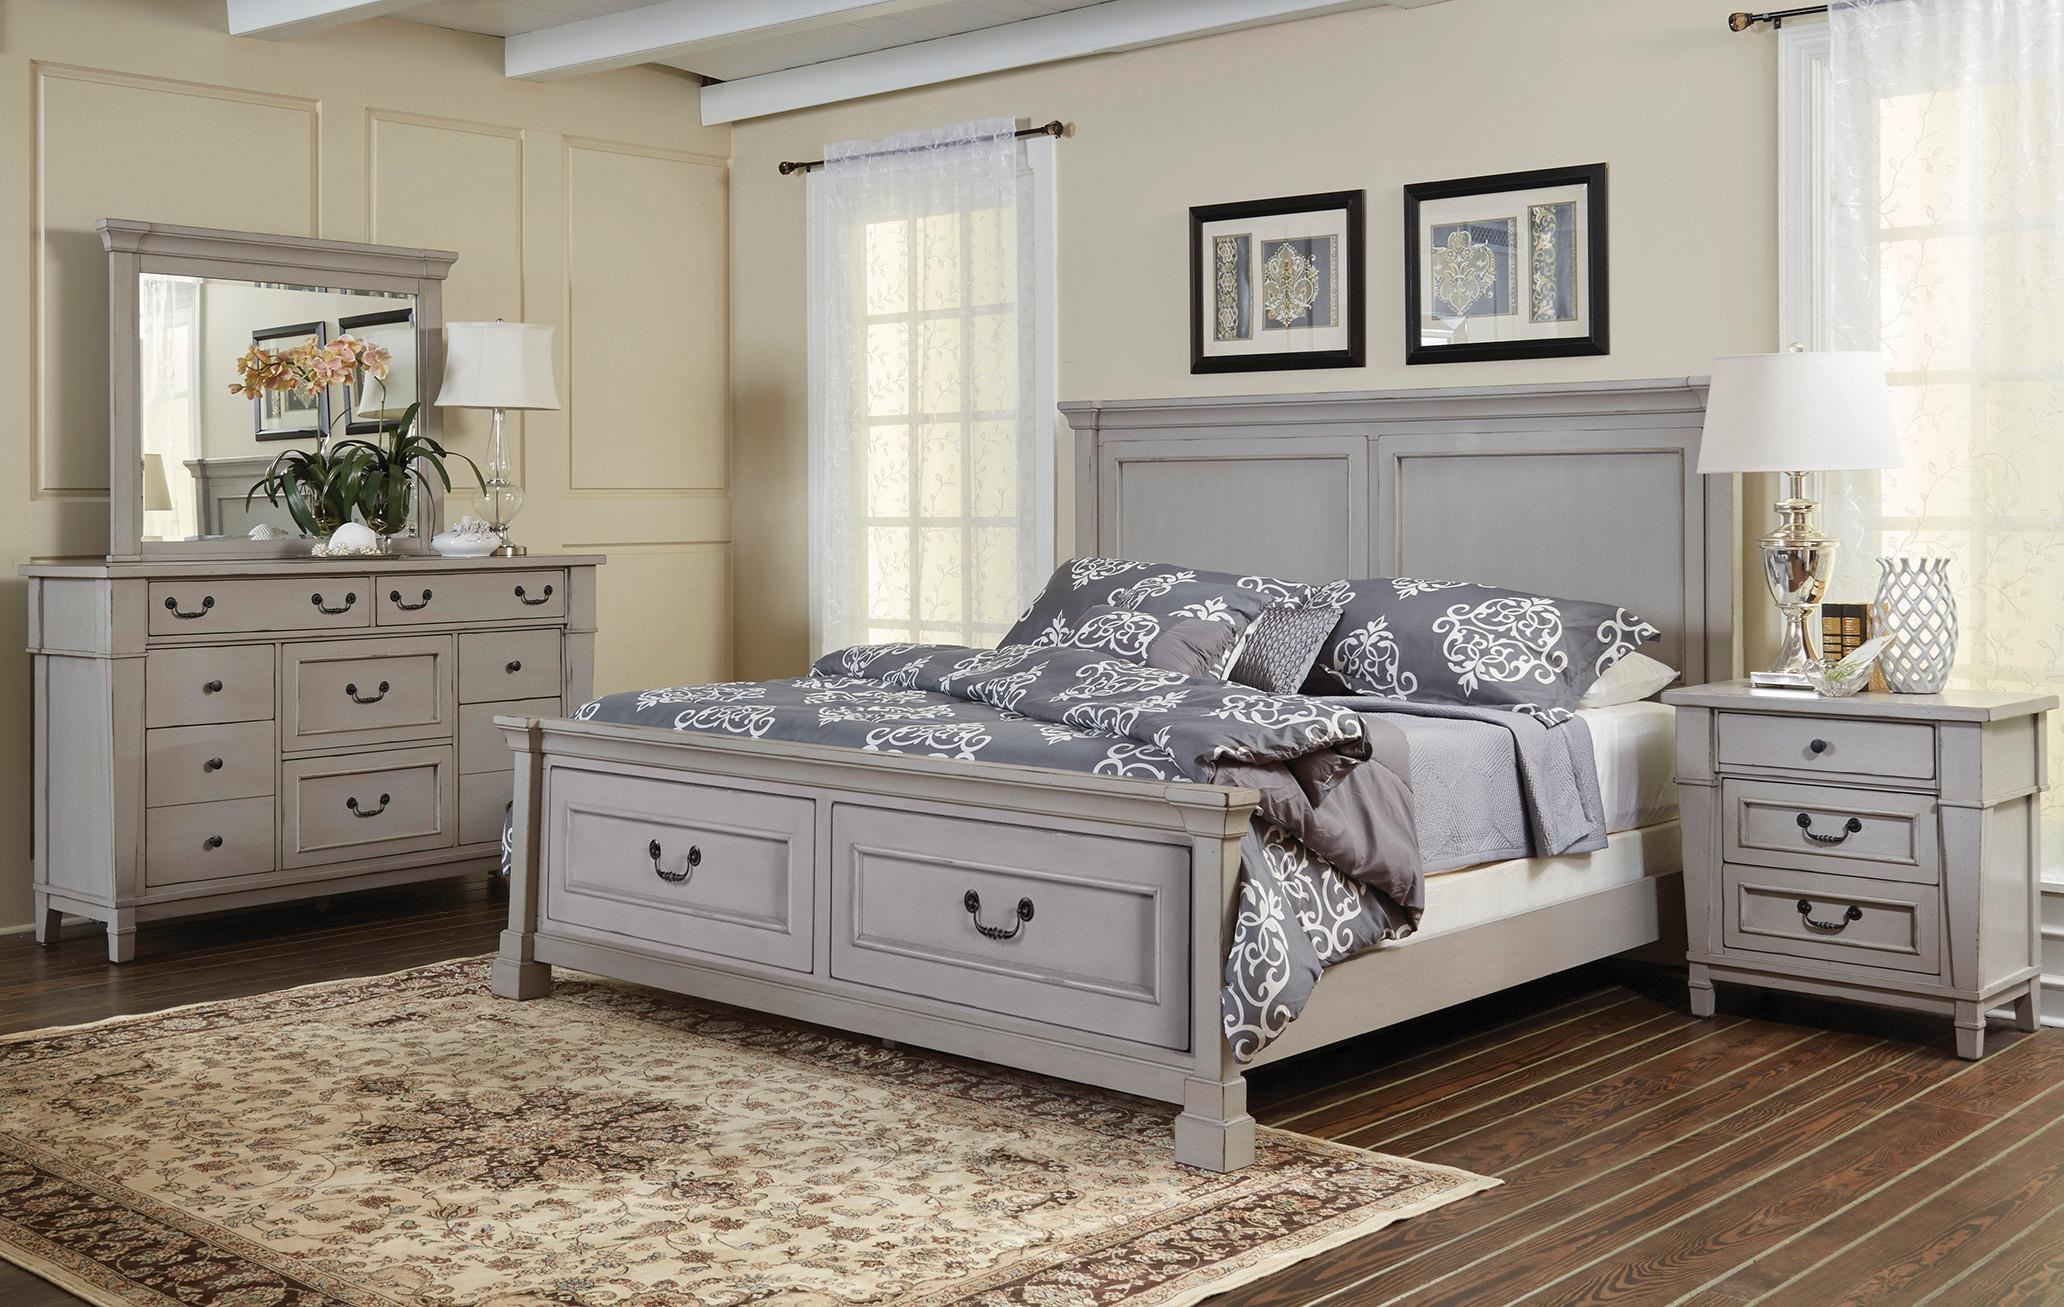 King  Panel Storage Bed Dresser, Mirror, 3 D